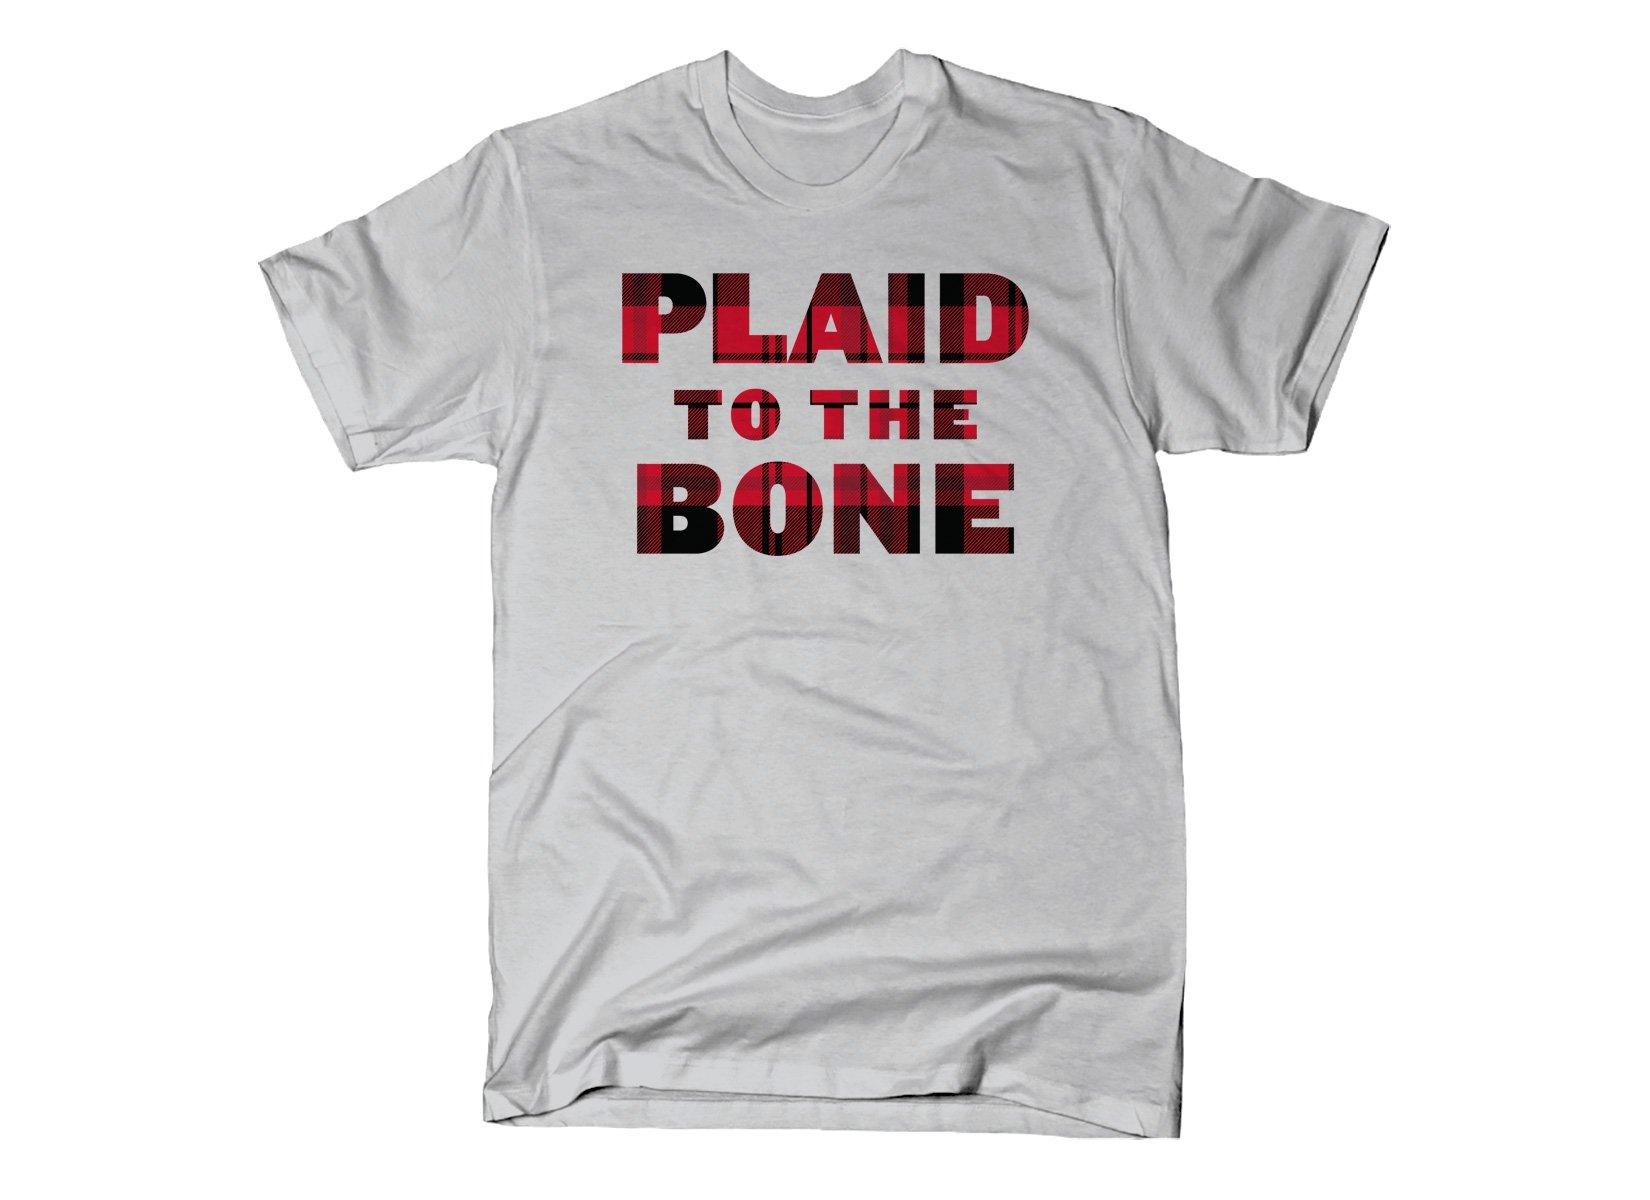 Plaid To The Bone on Mens T-Shirt